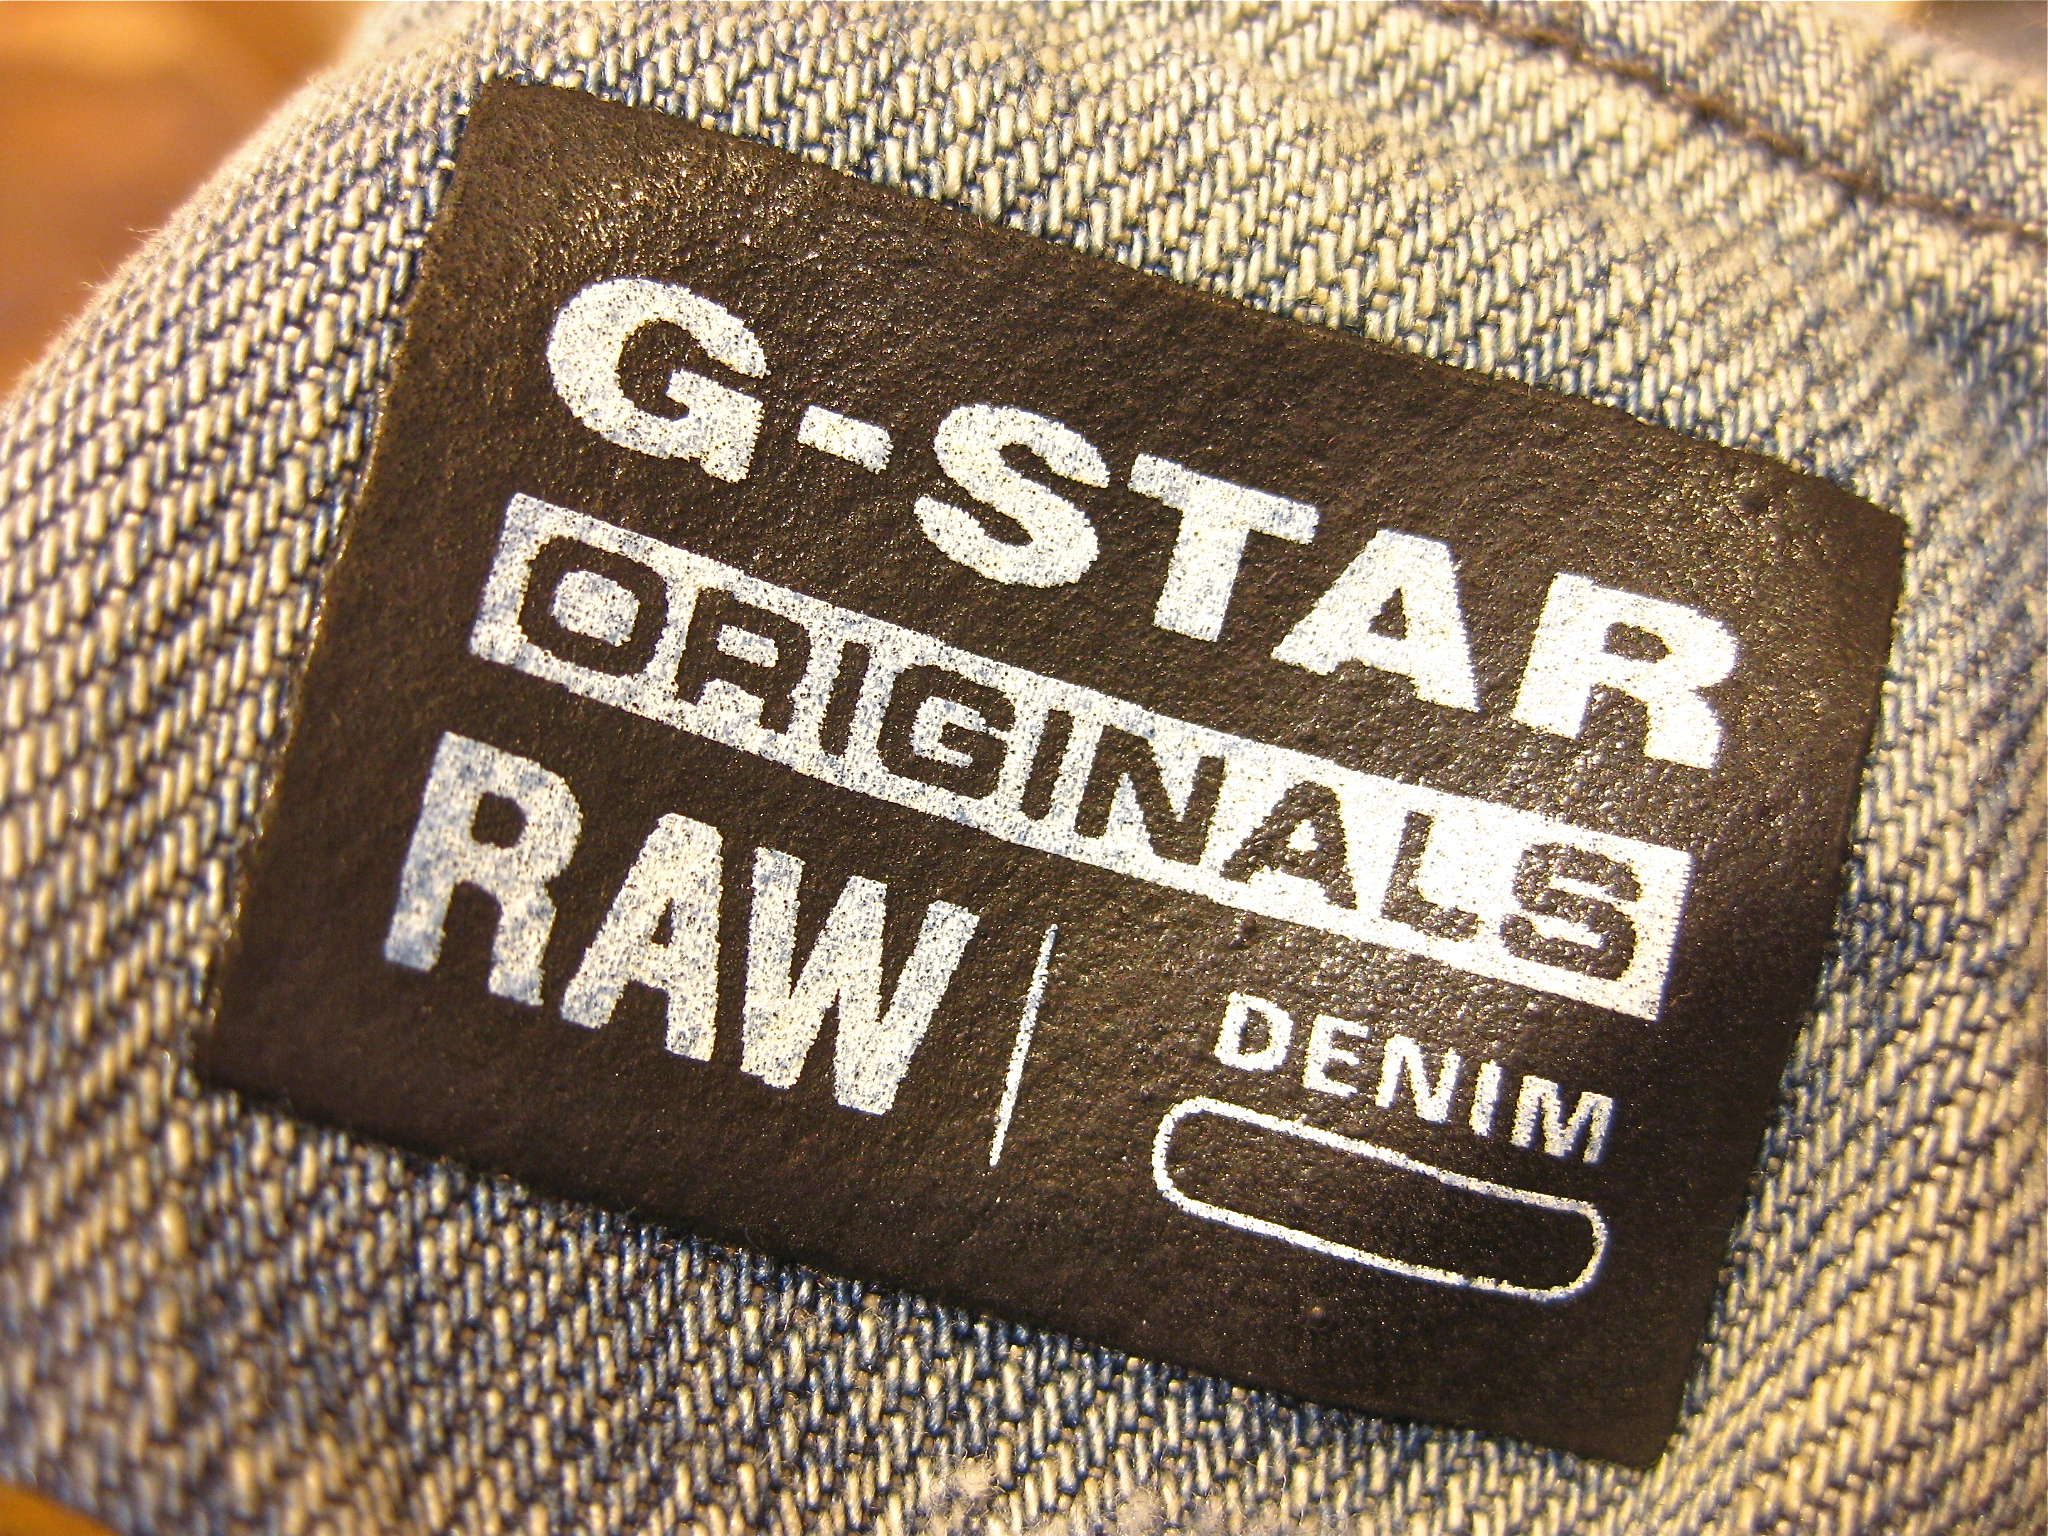 G-star farkut tampere